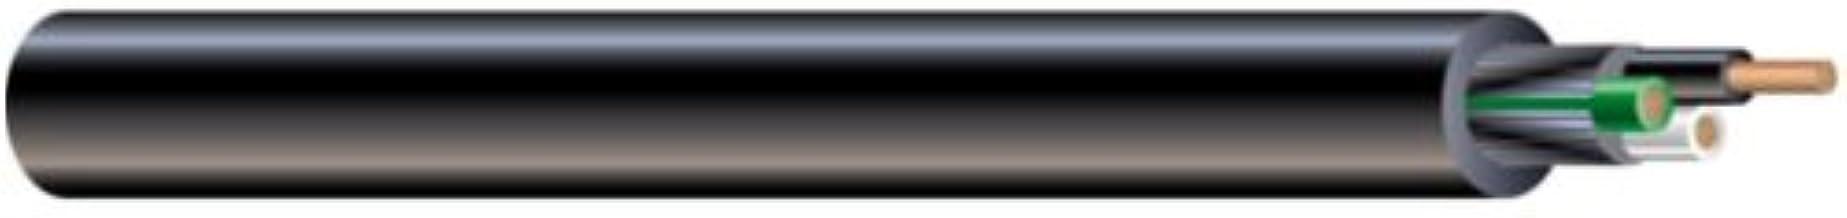 Southwire 55043321 300 Volt 25-Feet 16-Gauge 3 Conductor 14/3 Quantum TPE SJEOOW Portable Flexible Power Cord, Black